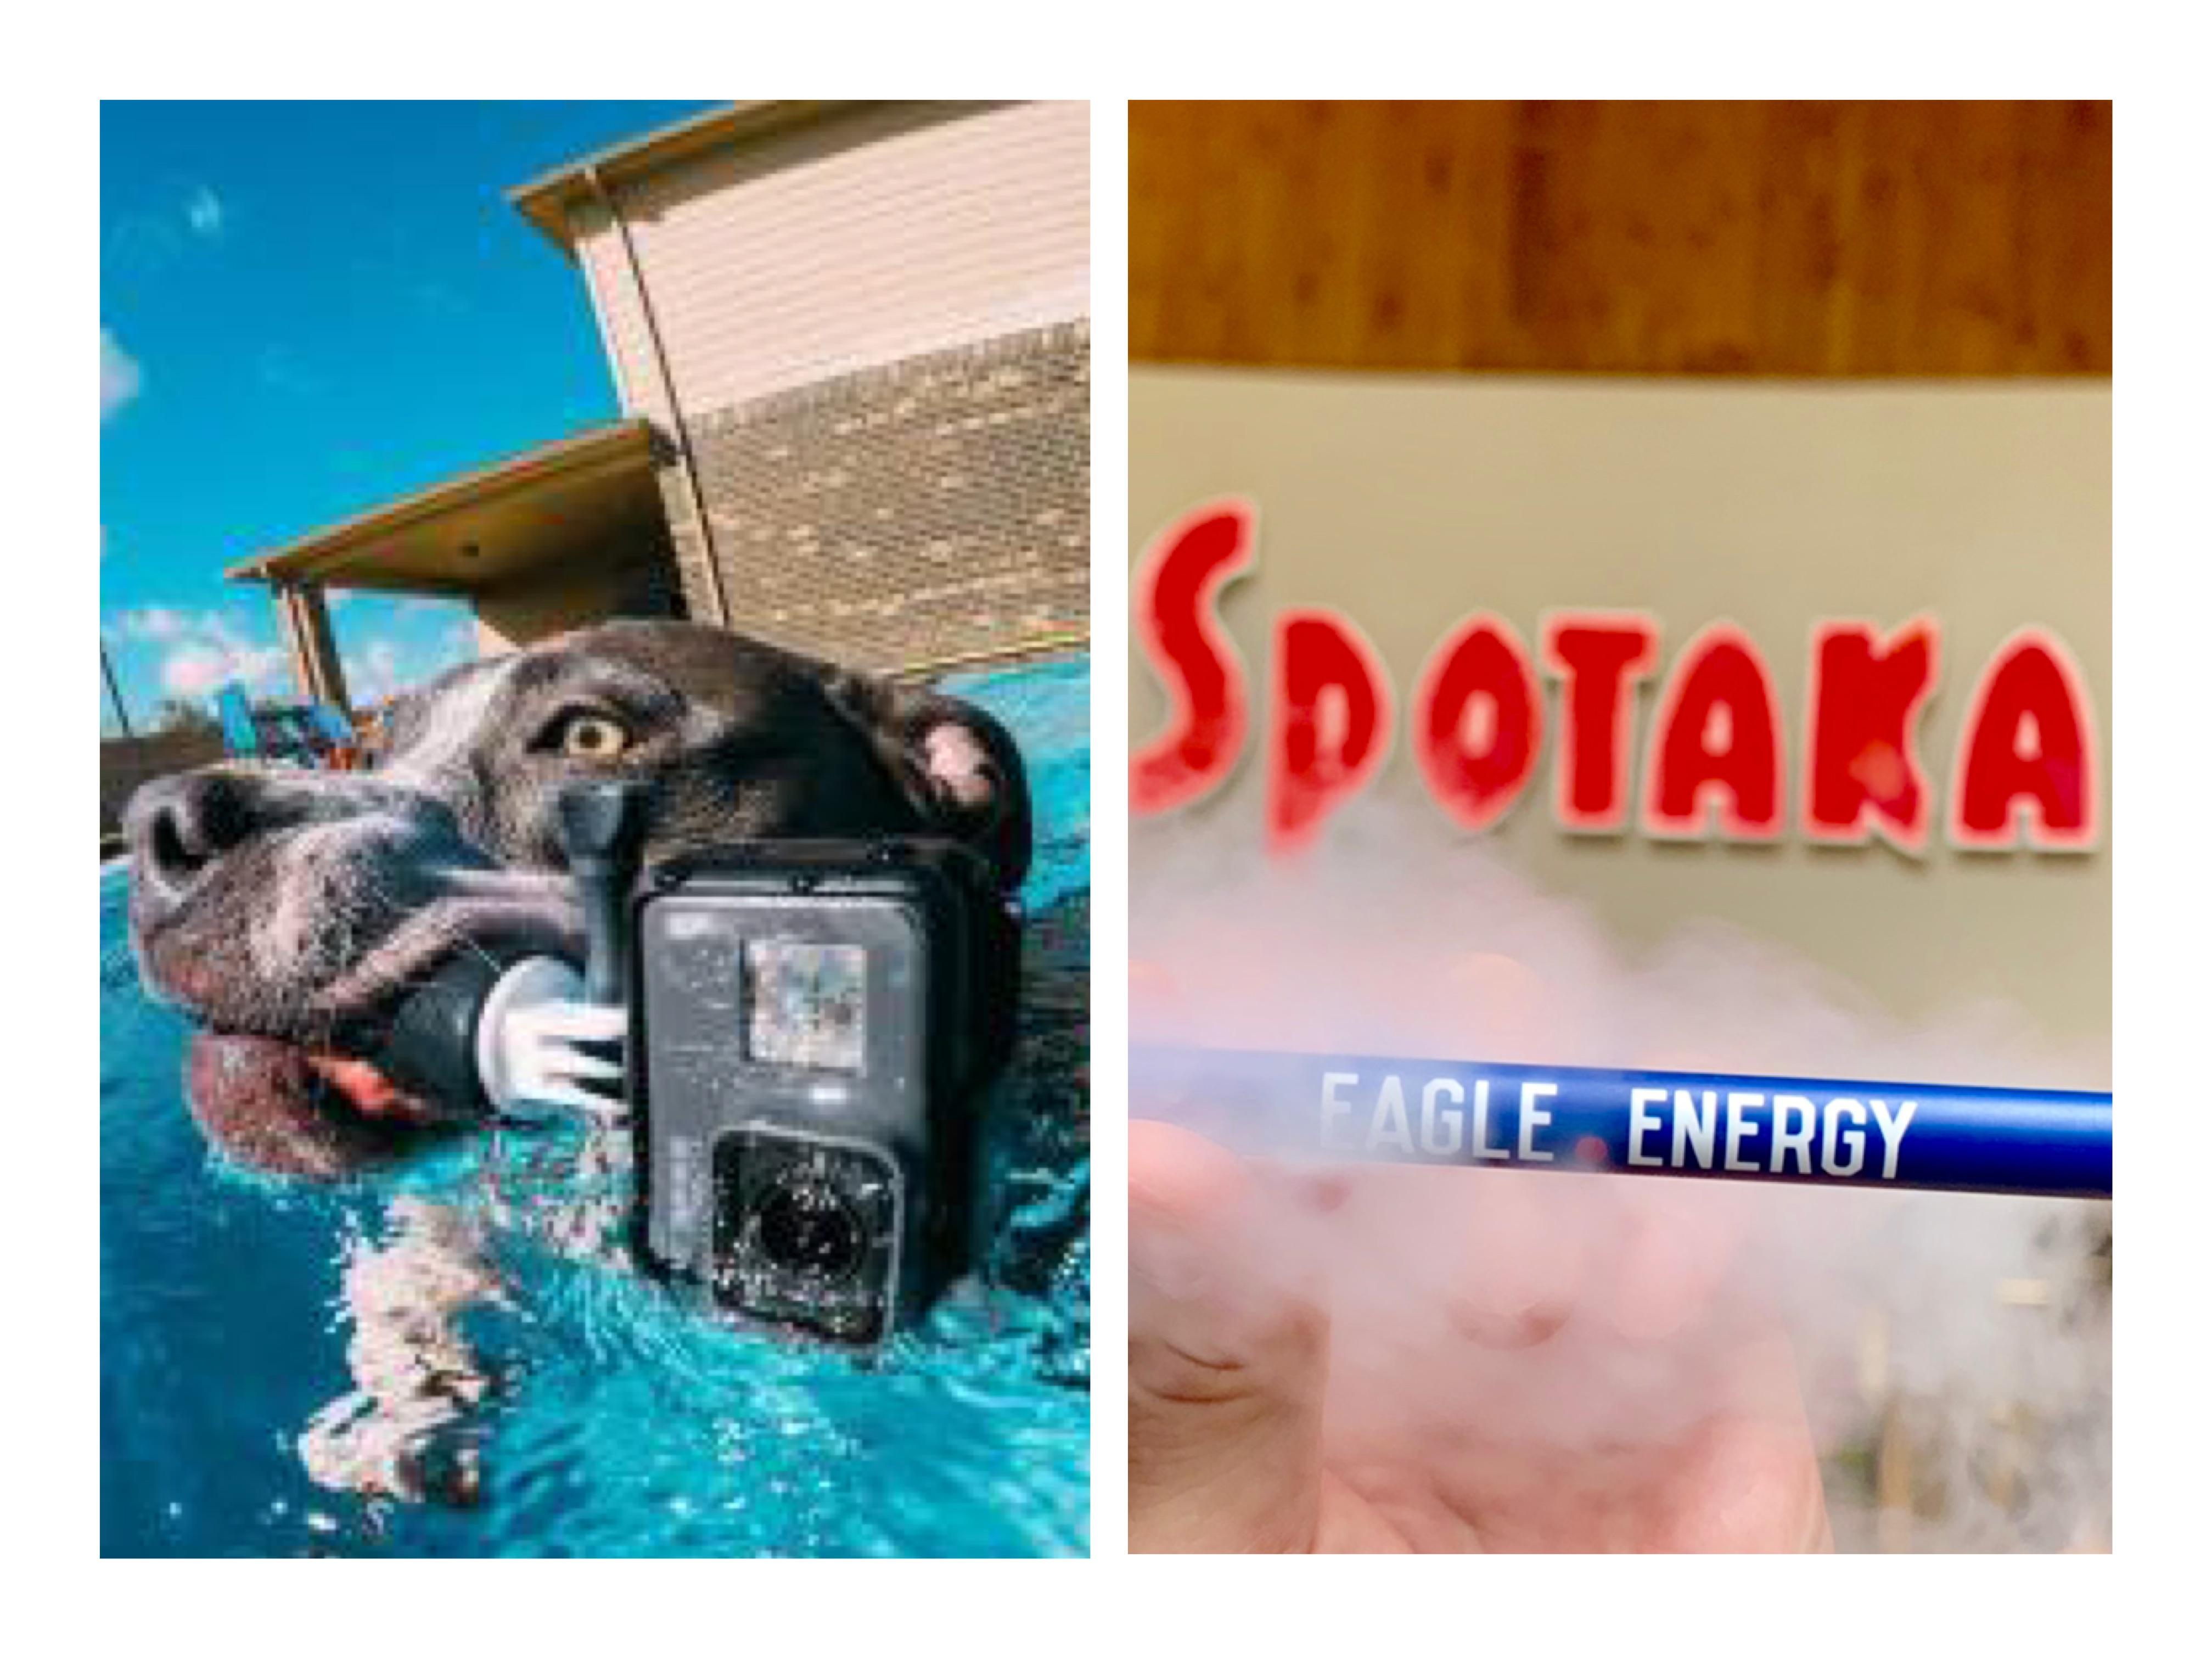 GW企画のお知らせ!『EAGLE.ENERGY』&『GoPro』 今欠かせない人気アイテムがスポタカにあるよ!